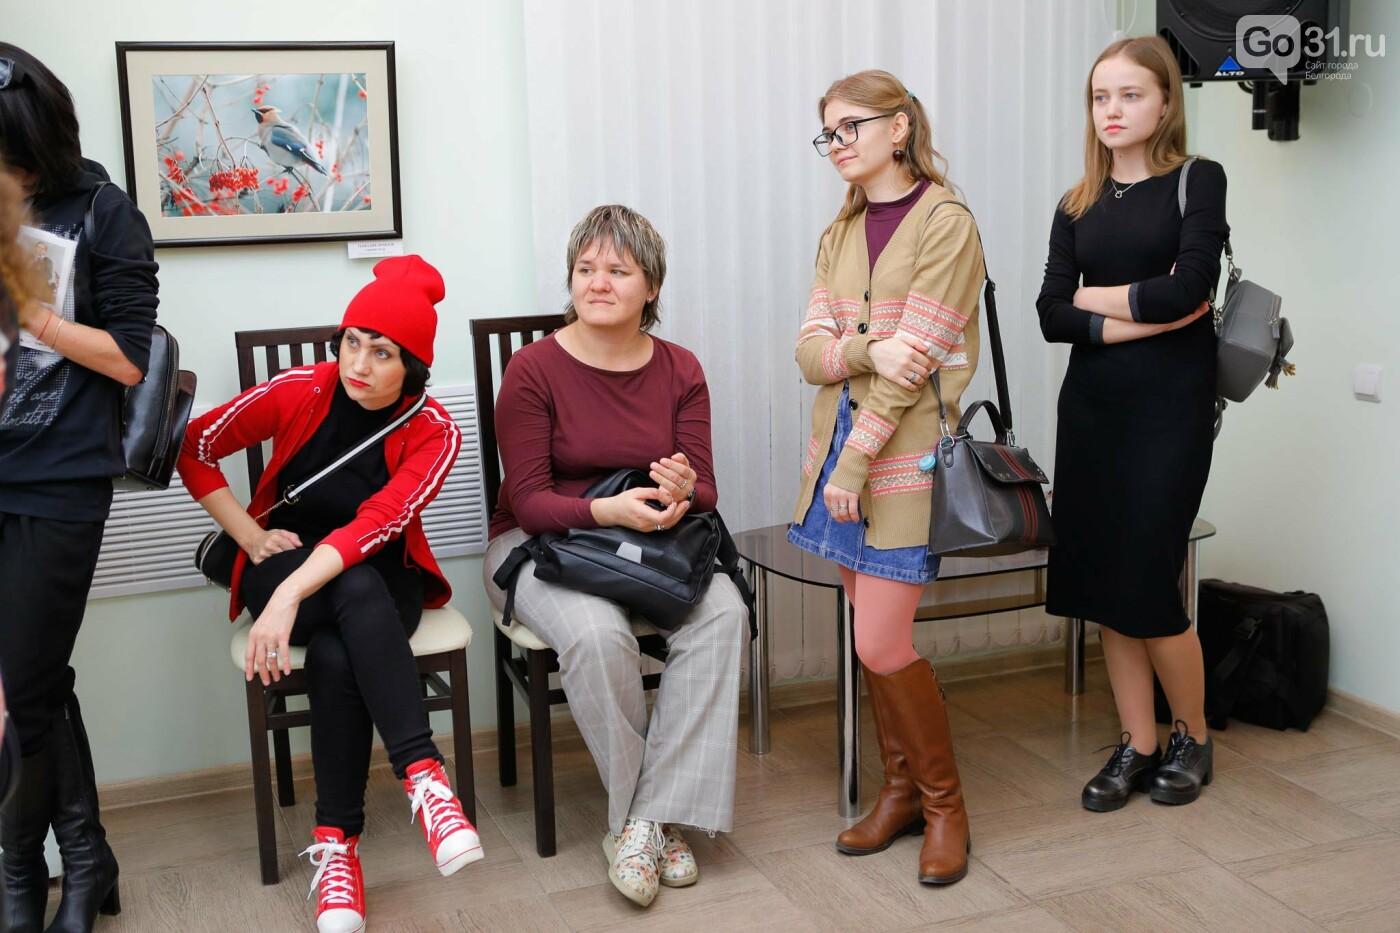 «Вежливое кредо». В Белгороде открылась персональная фотовыставка Валерия Морева, фото-17